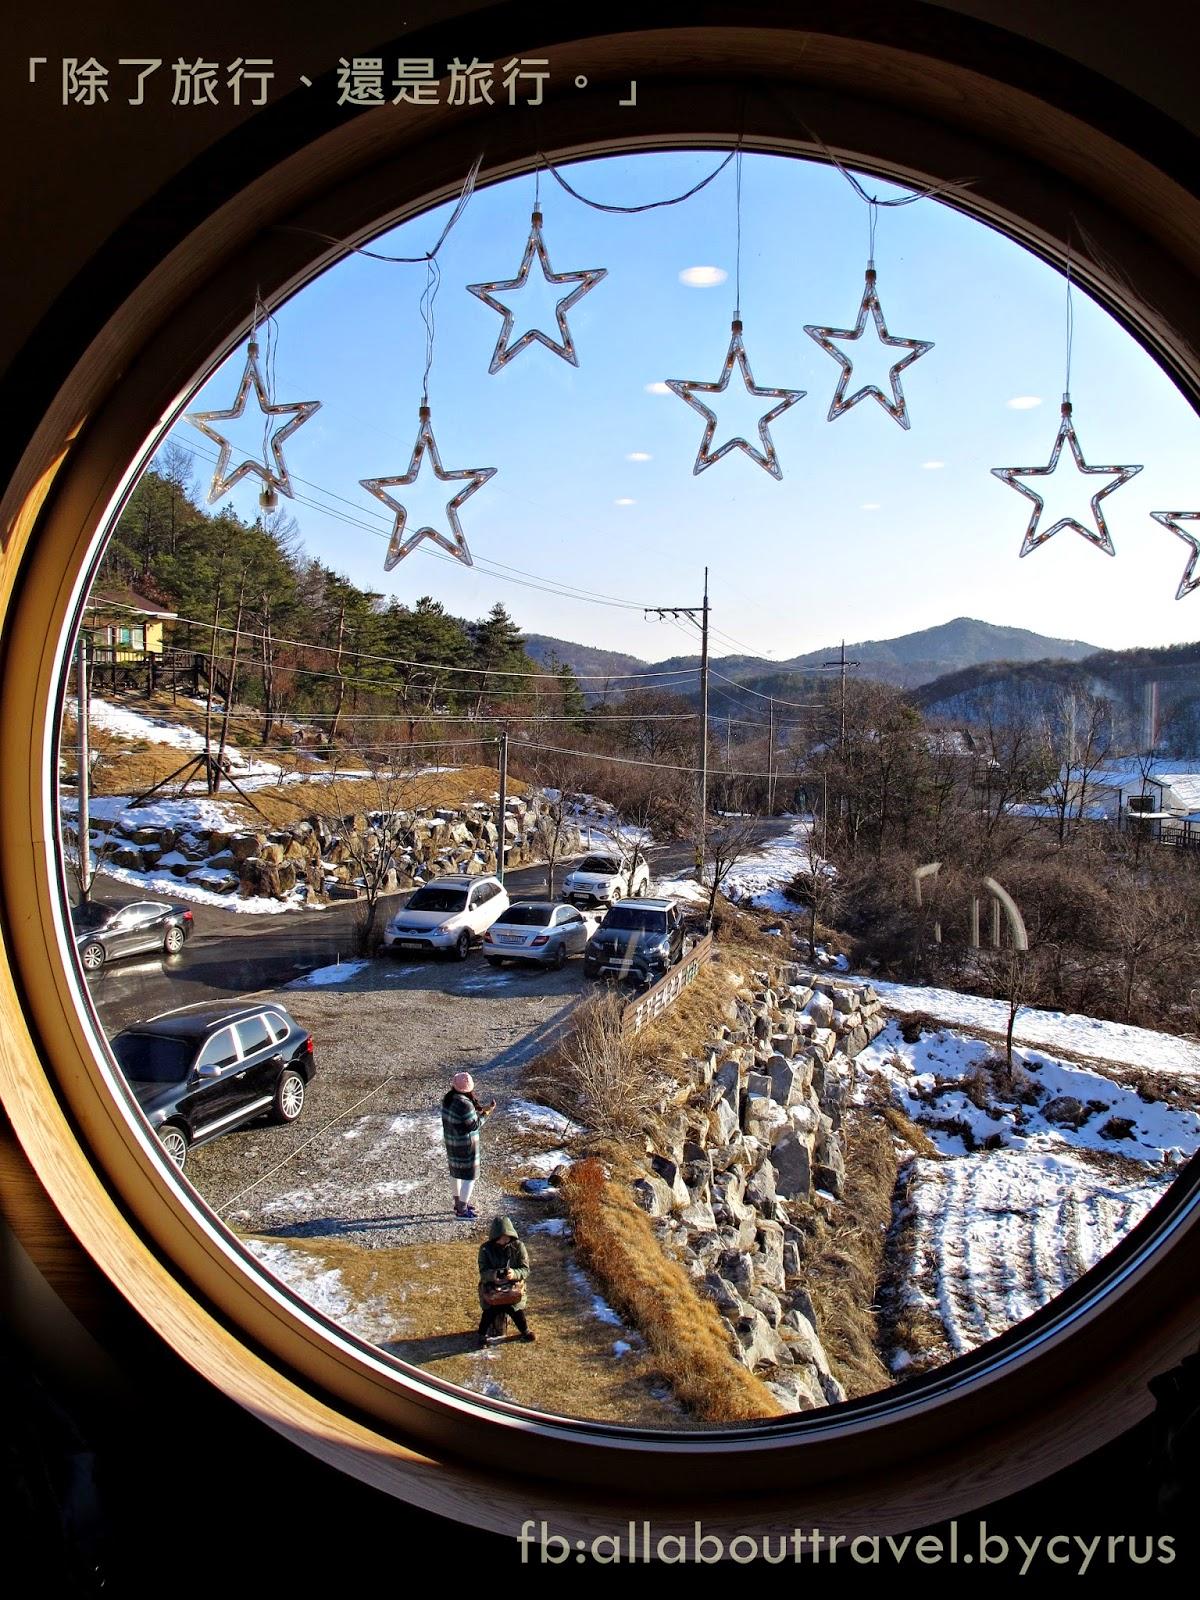 韓國自由行夢想之旅22